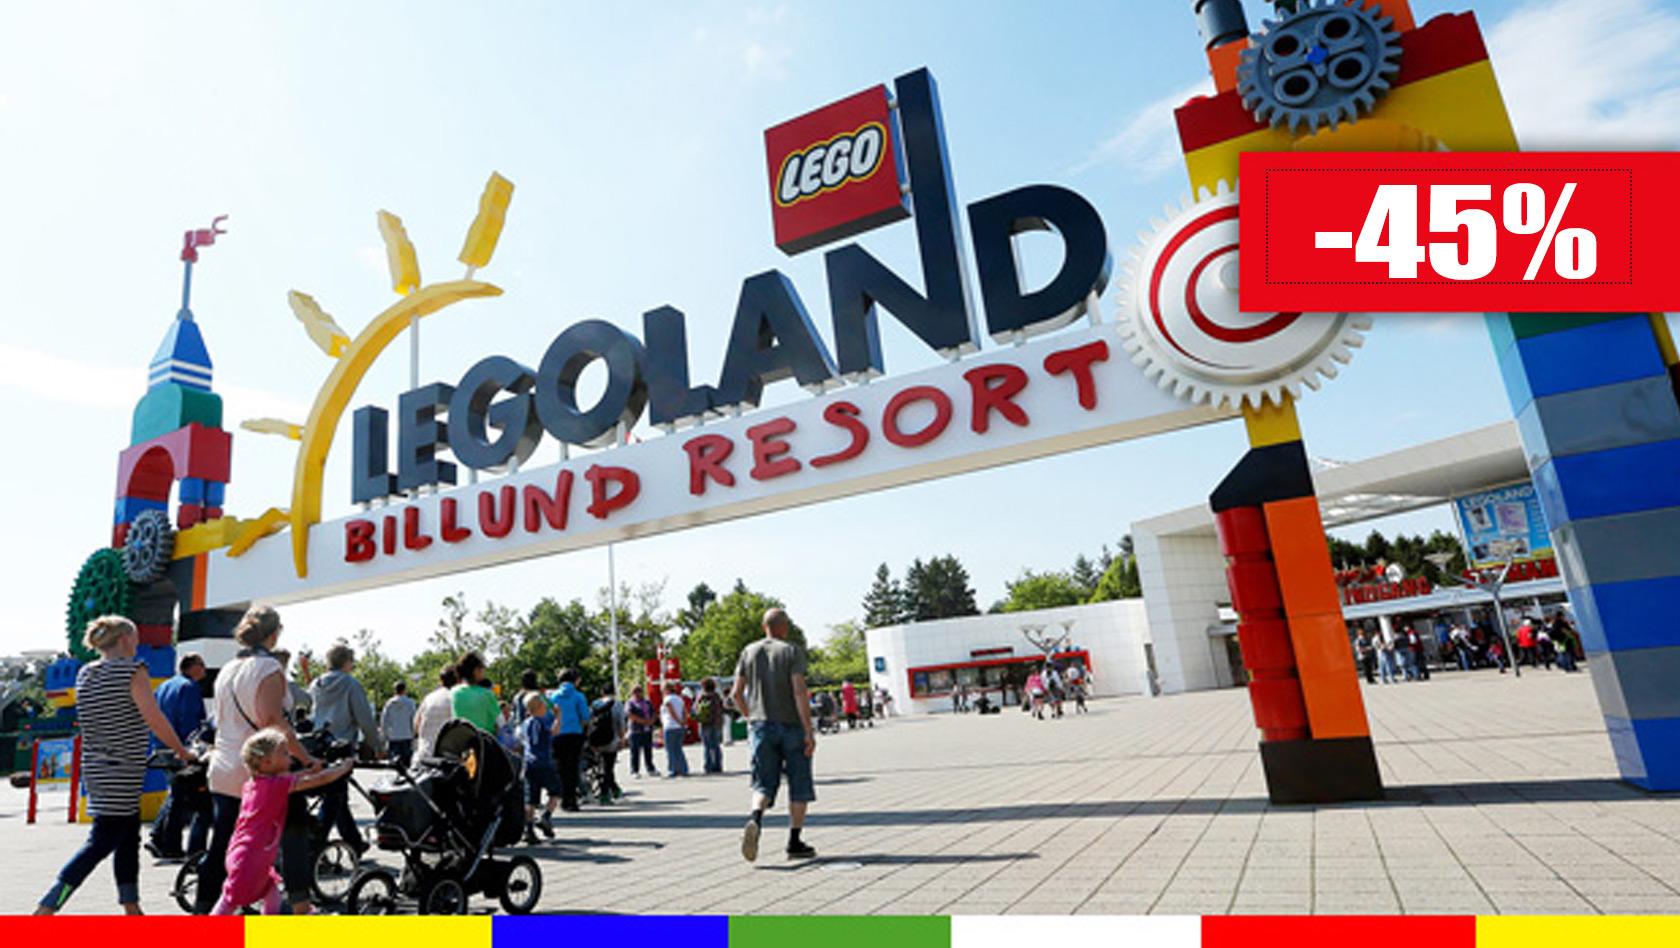 LEGOLAND Billund Schnäppchen 2019 - Familien-Tickets mit ...